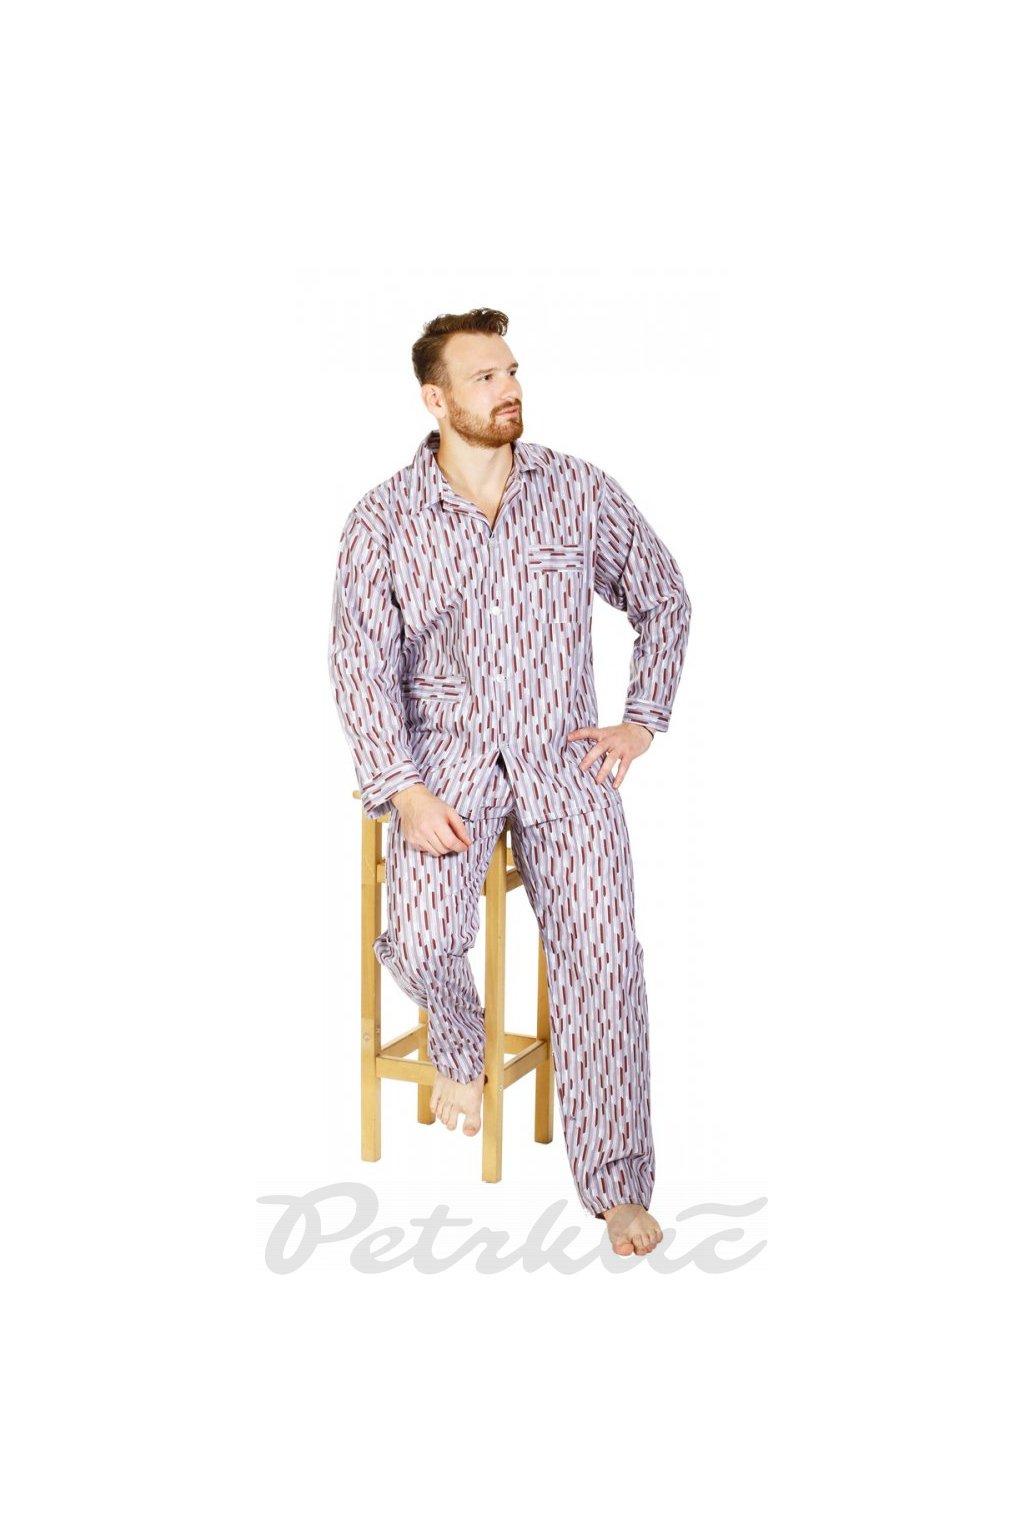 Pánské dlouhé pyžamo bavlna 100% - šedé a hnědé dezény